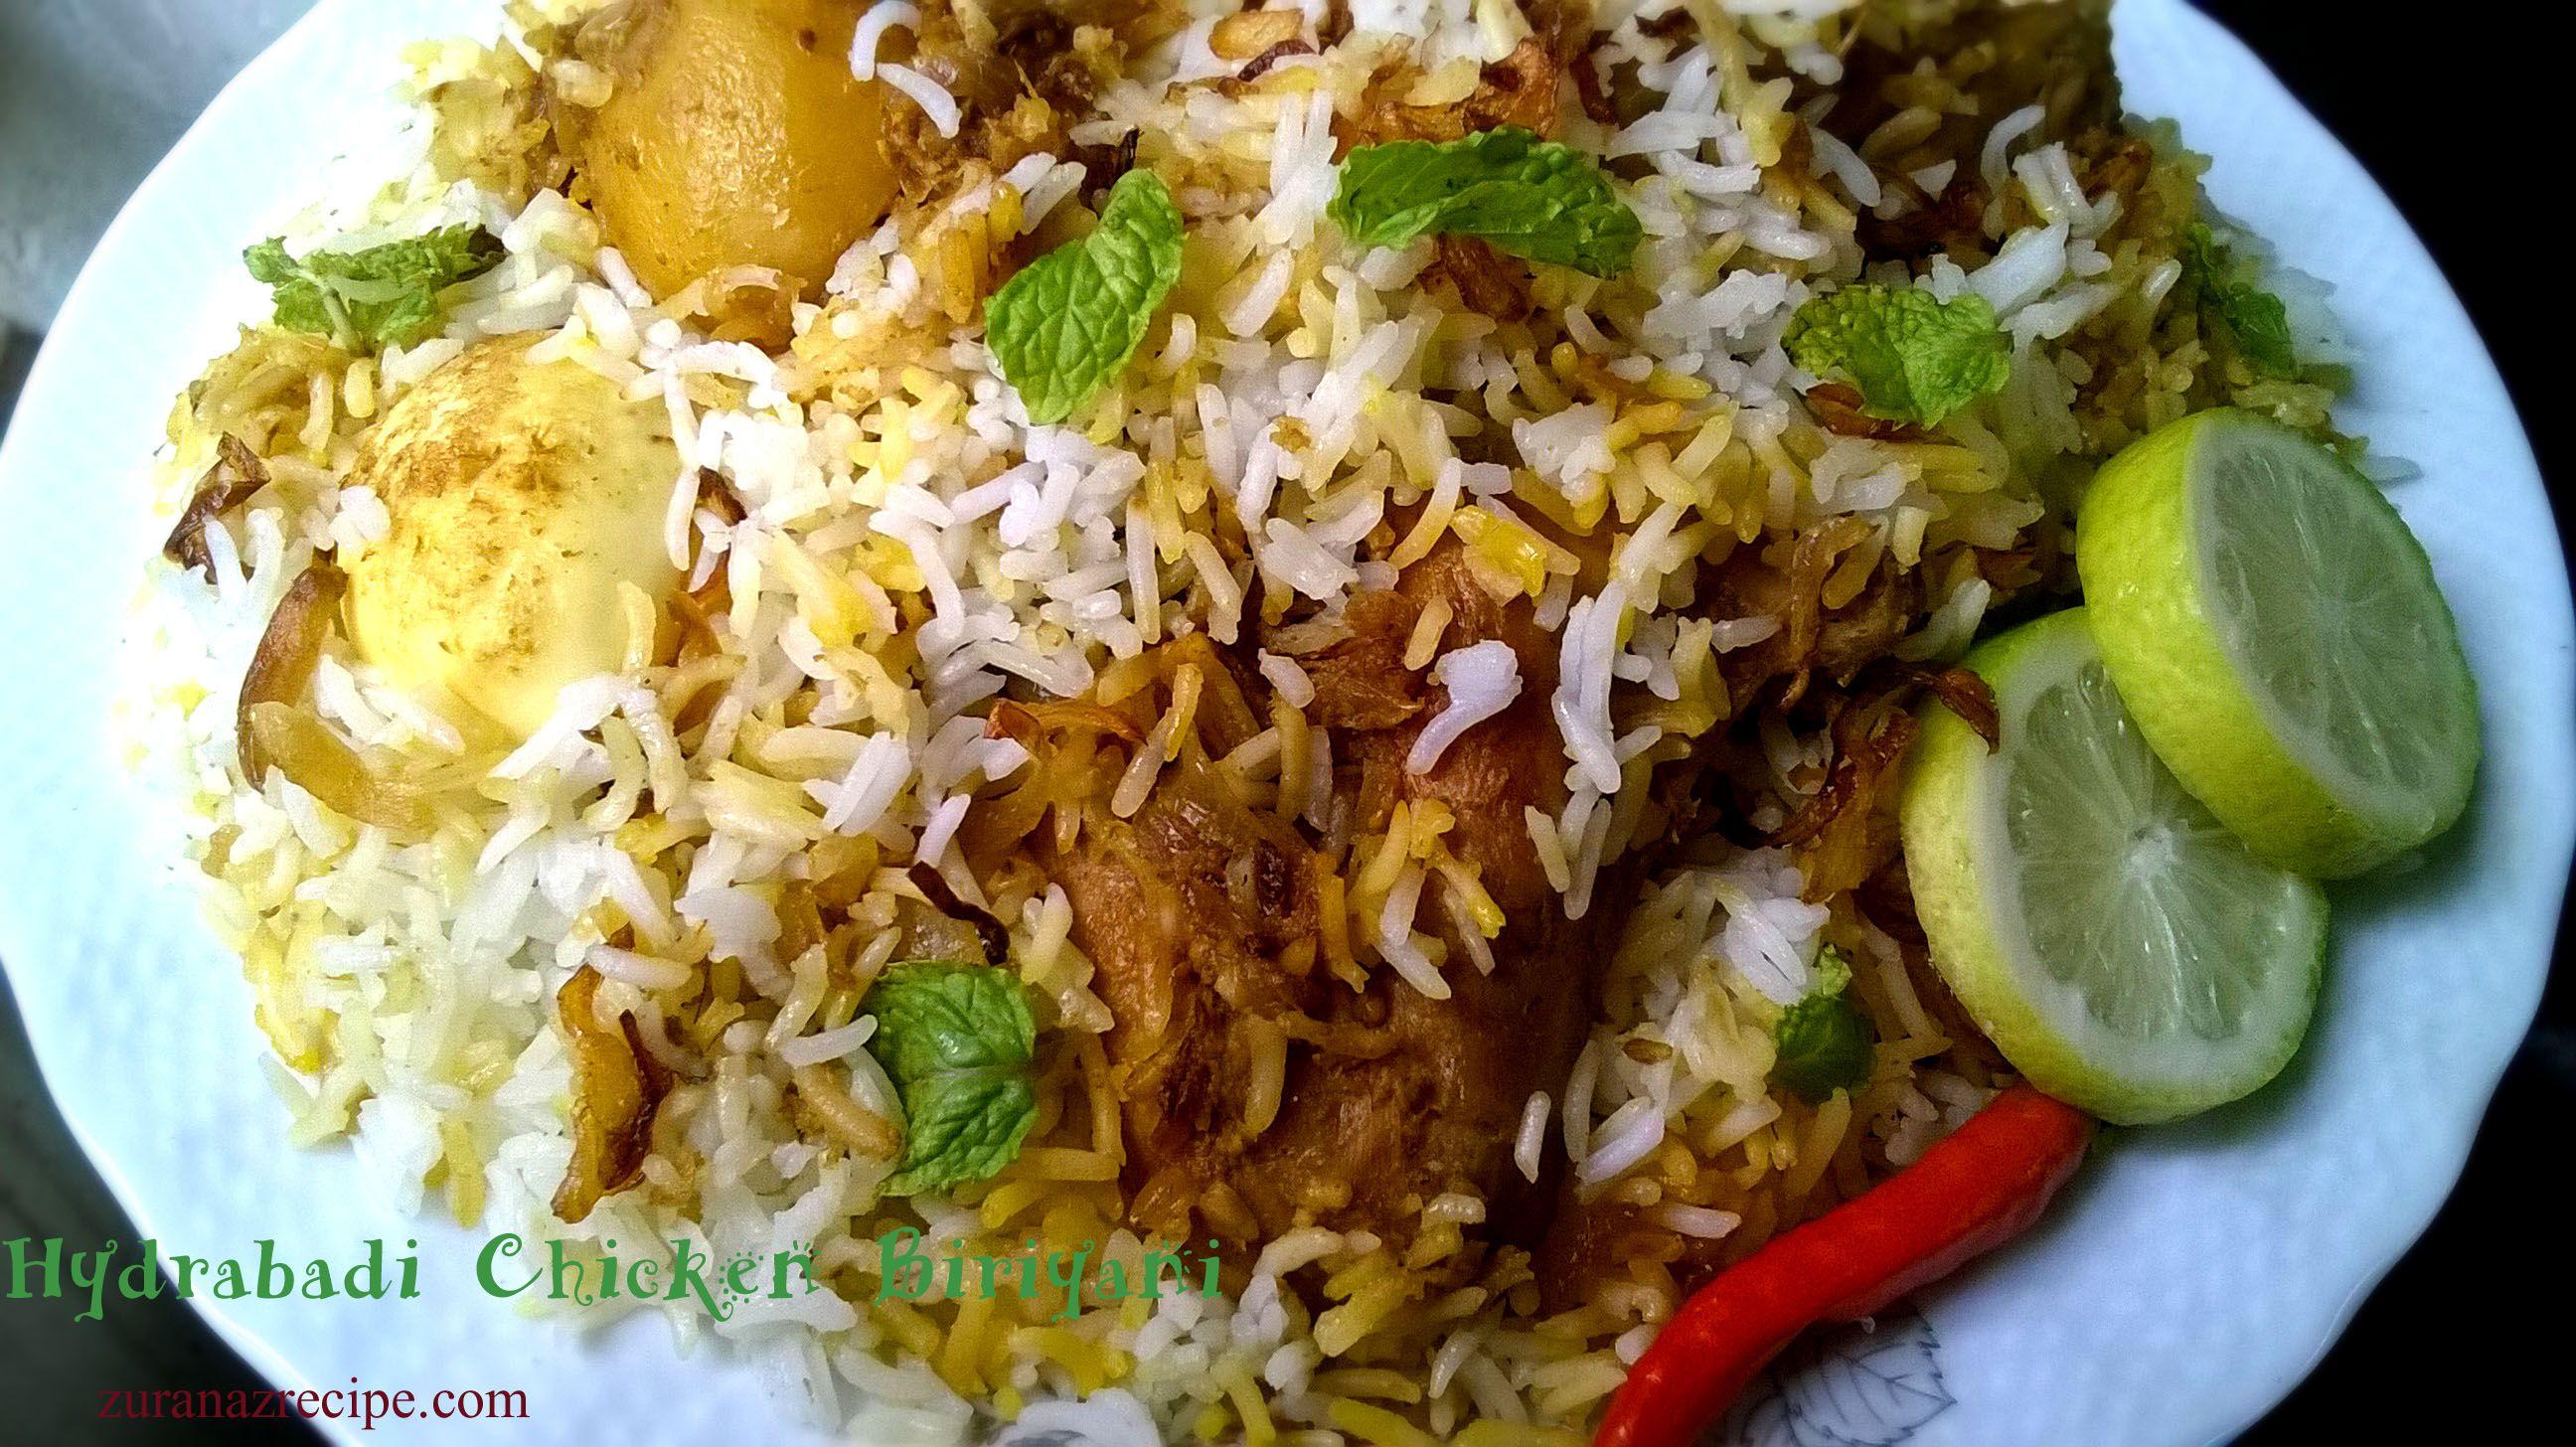 Hydrabadi chicken biriyani bangla bangladeshi bengali food hydrabadi chicken biriyani bangla bangladeshi bengali food recipes forumfinder Images